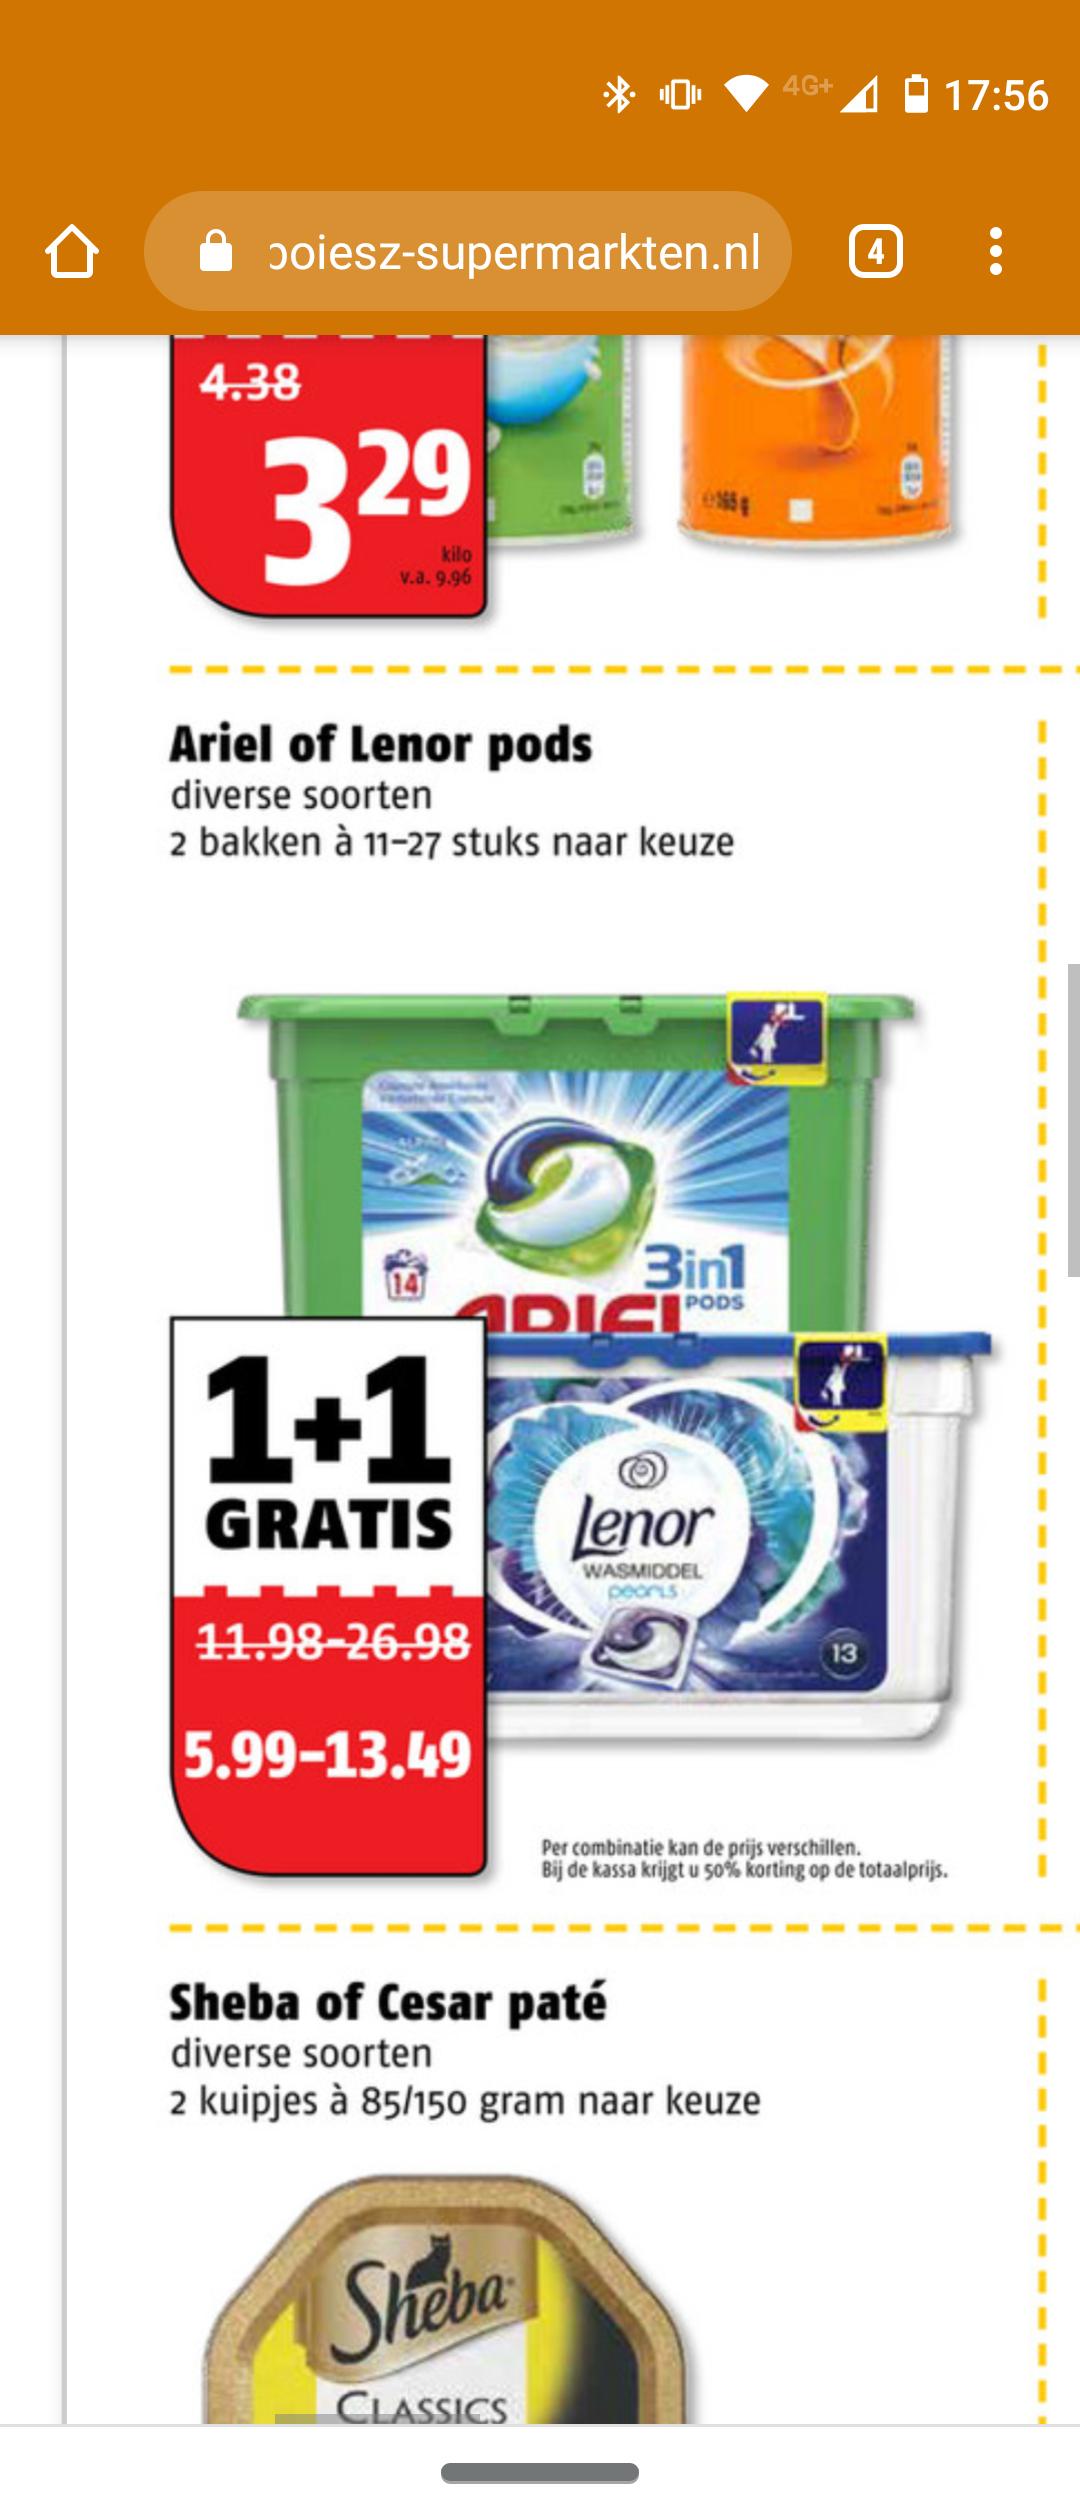 Ariel of Lenor Pods wasmiddel 1+1 gratis